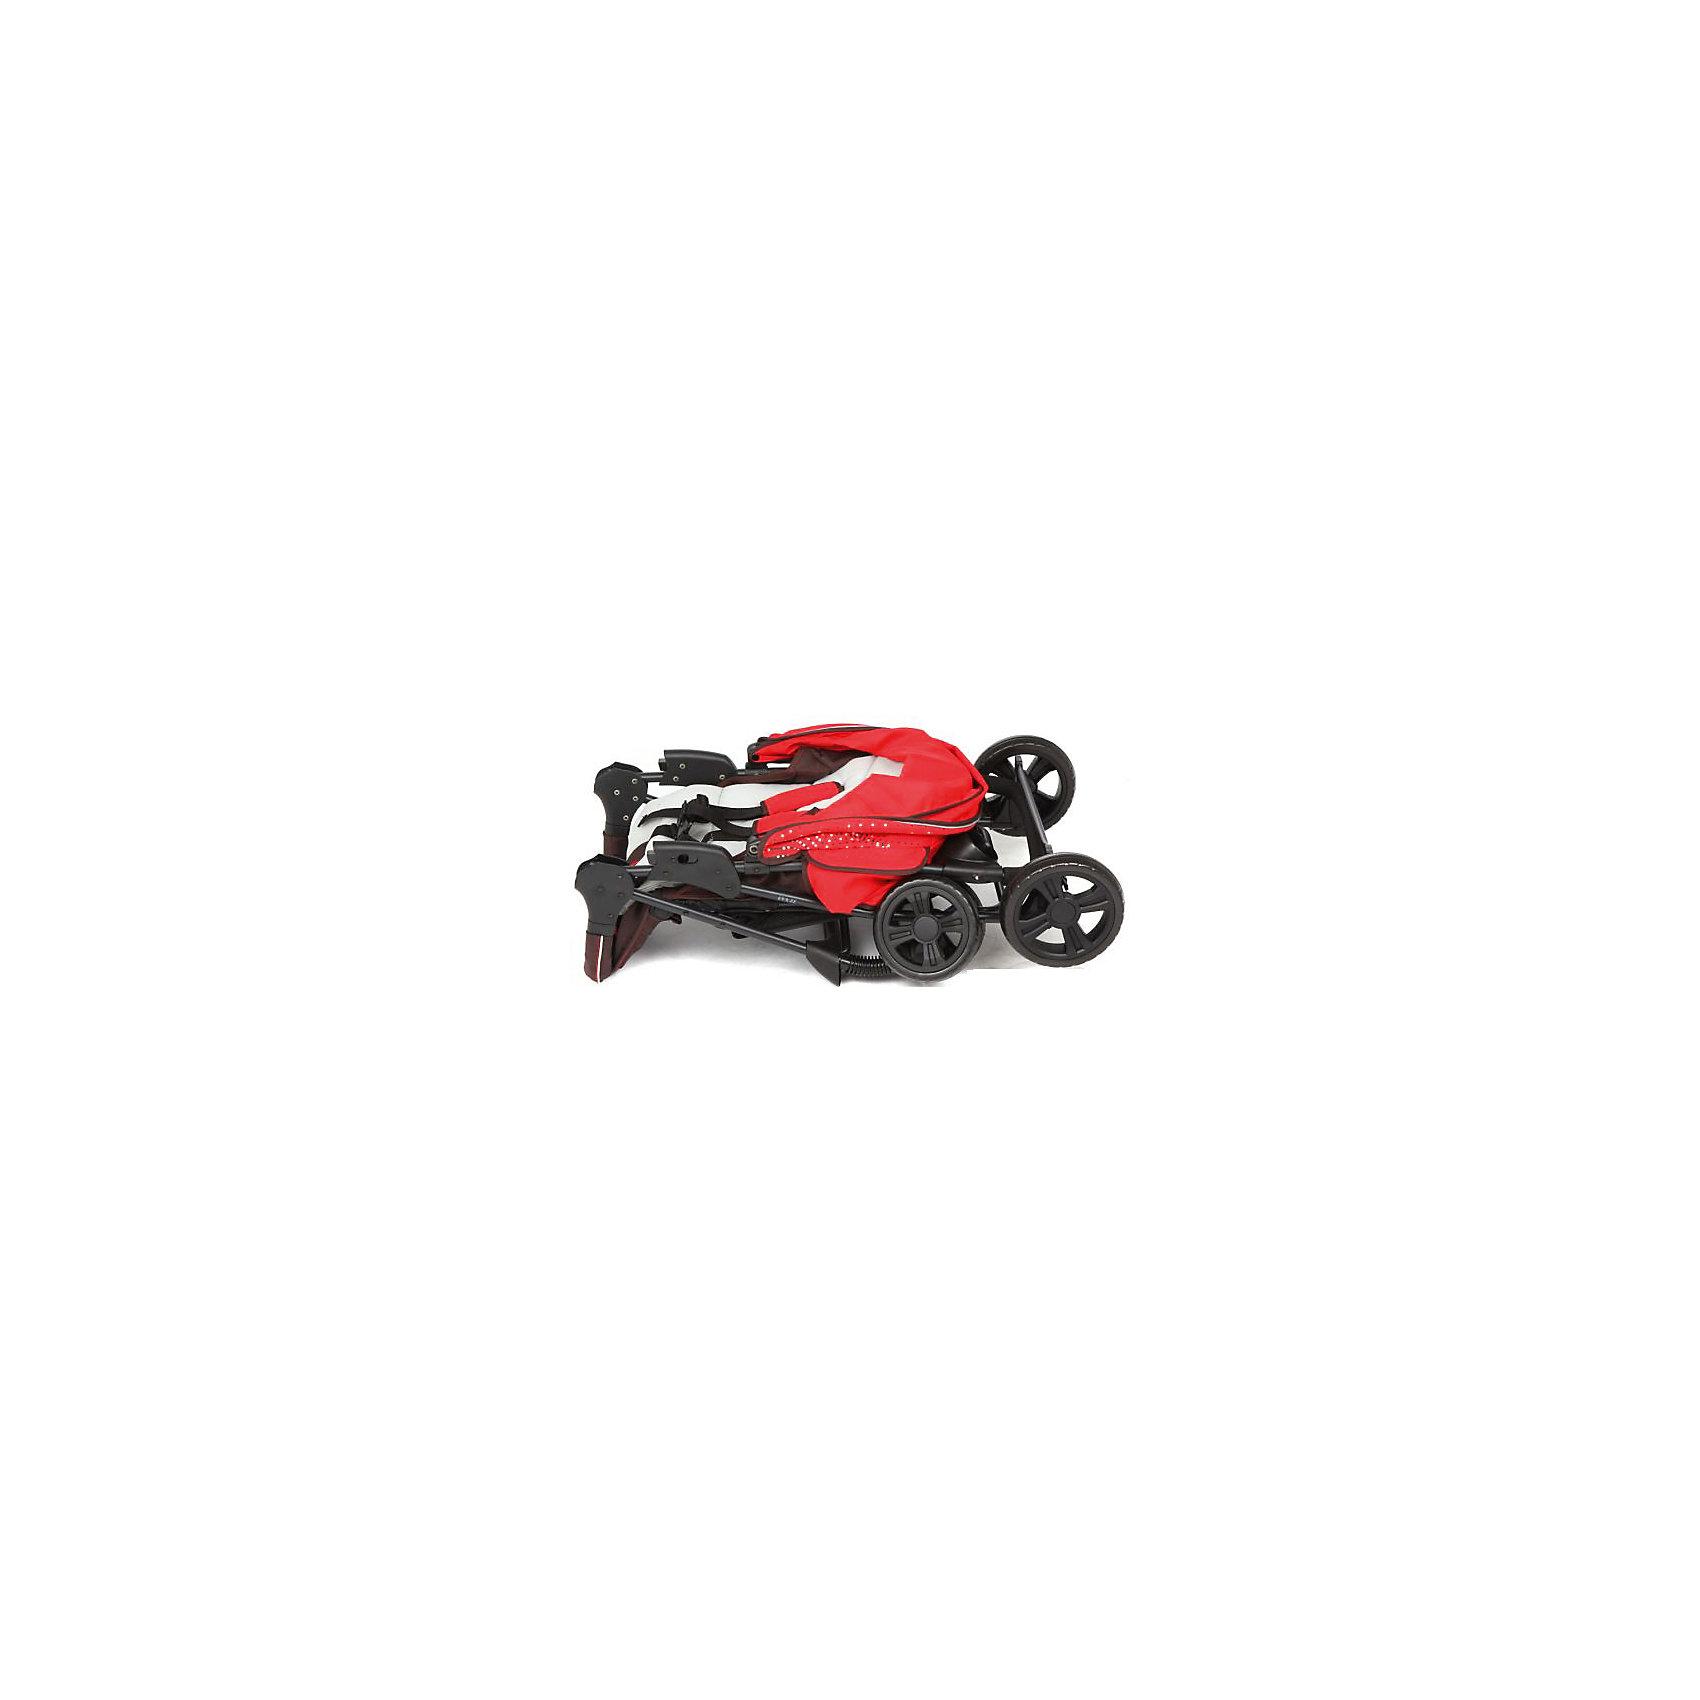 Прогулочная коляска E0970 TEXAS, Mobility One, красный